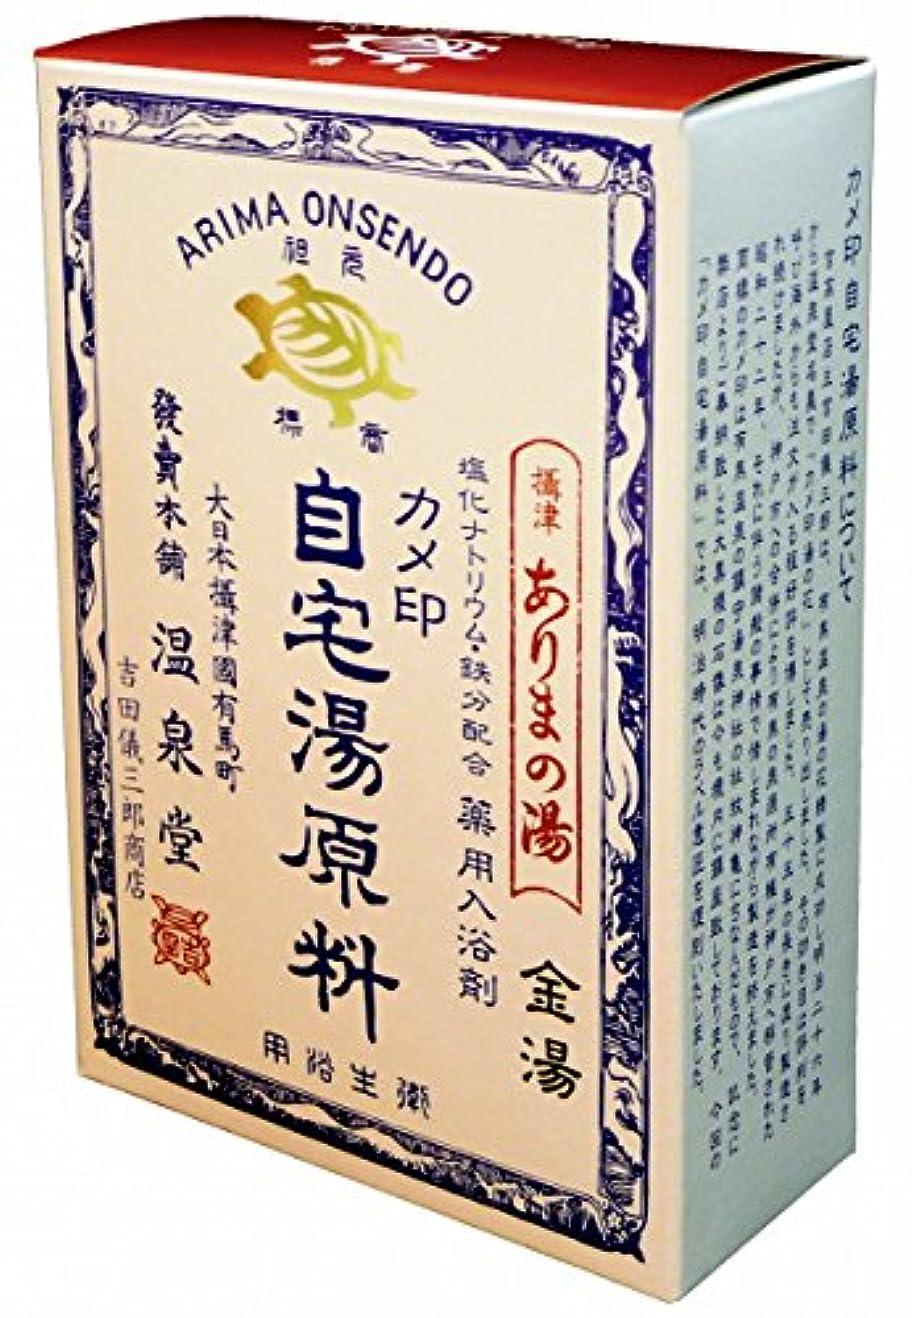 エンジニア略語変形カメ印 摂津有馬の湯 自宅湯原料 【金湯】 5包入